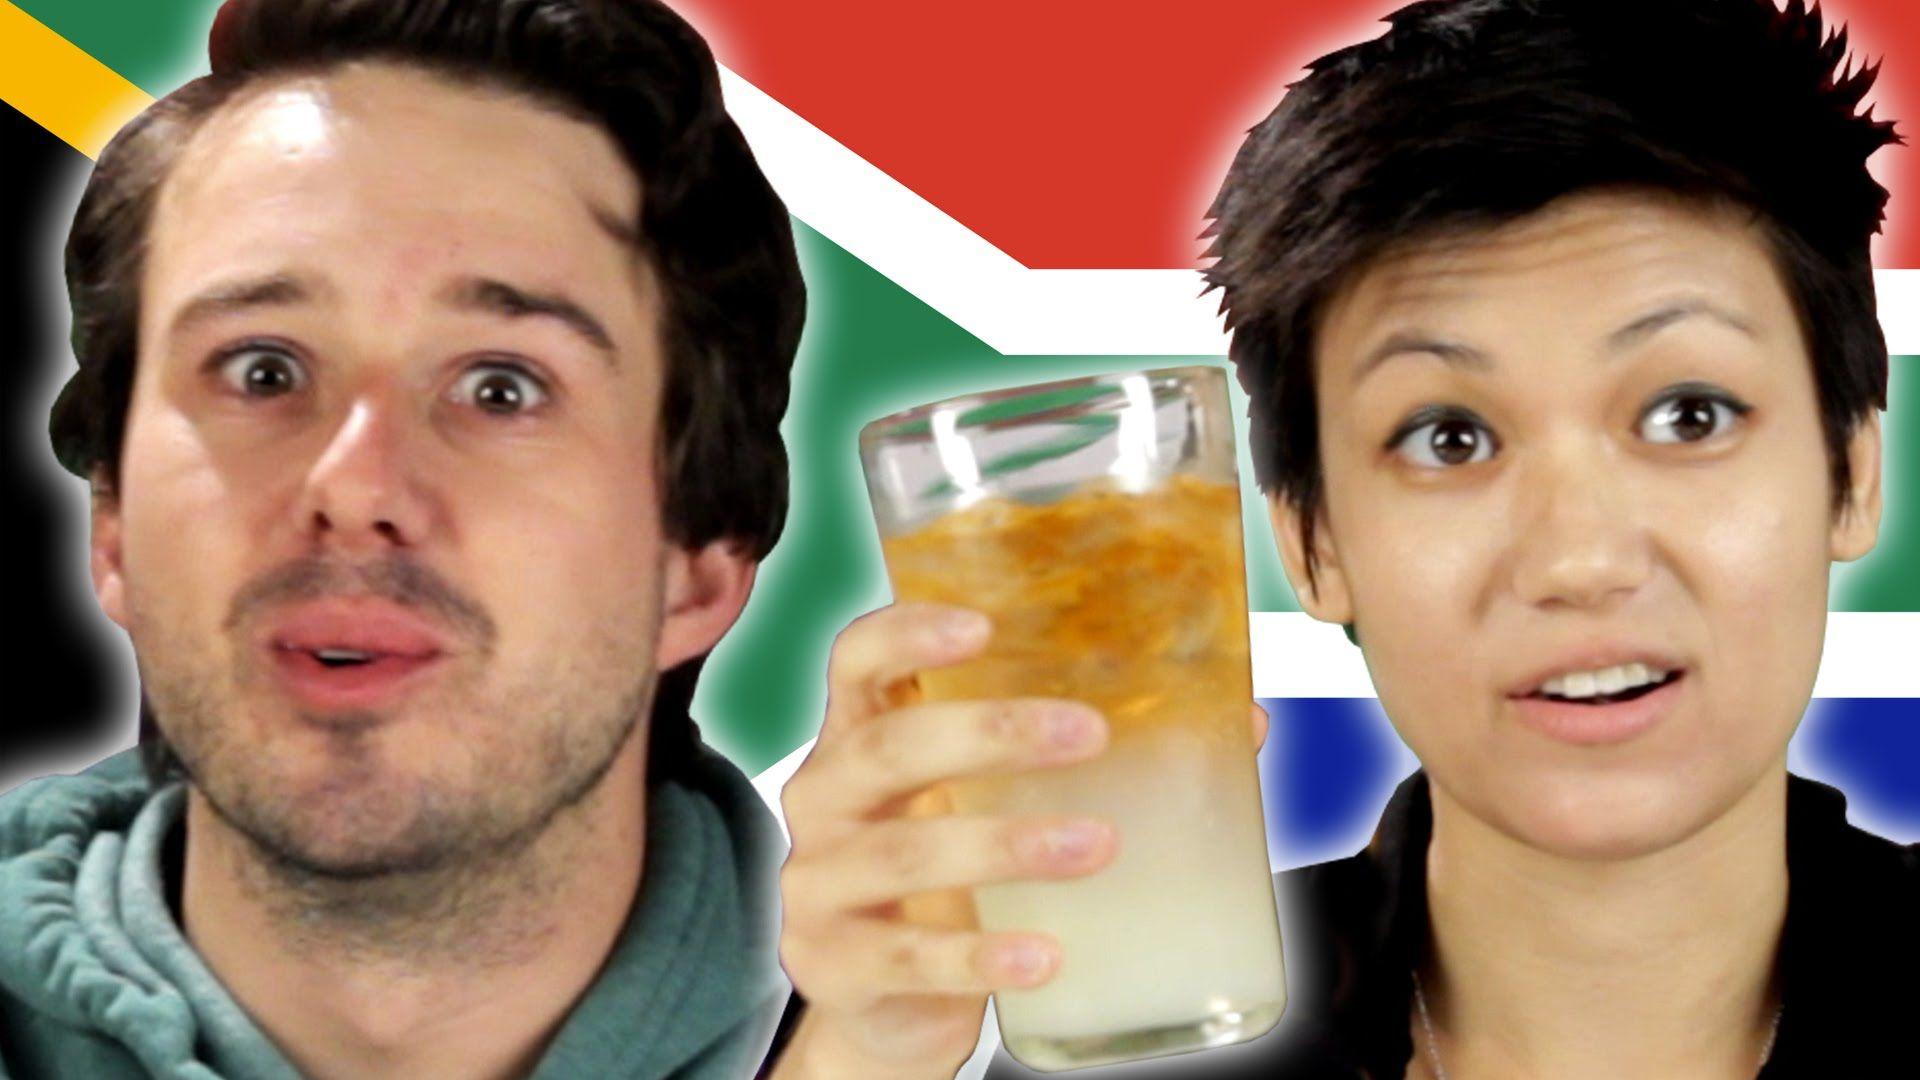 Norteamericanos prueban bocadillos sudafricanos por primera vez.